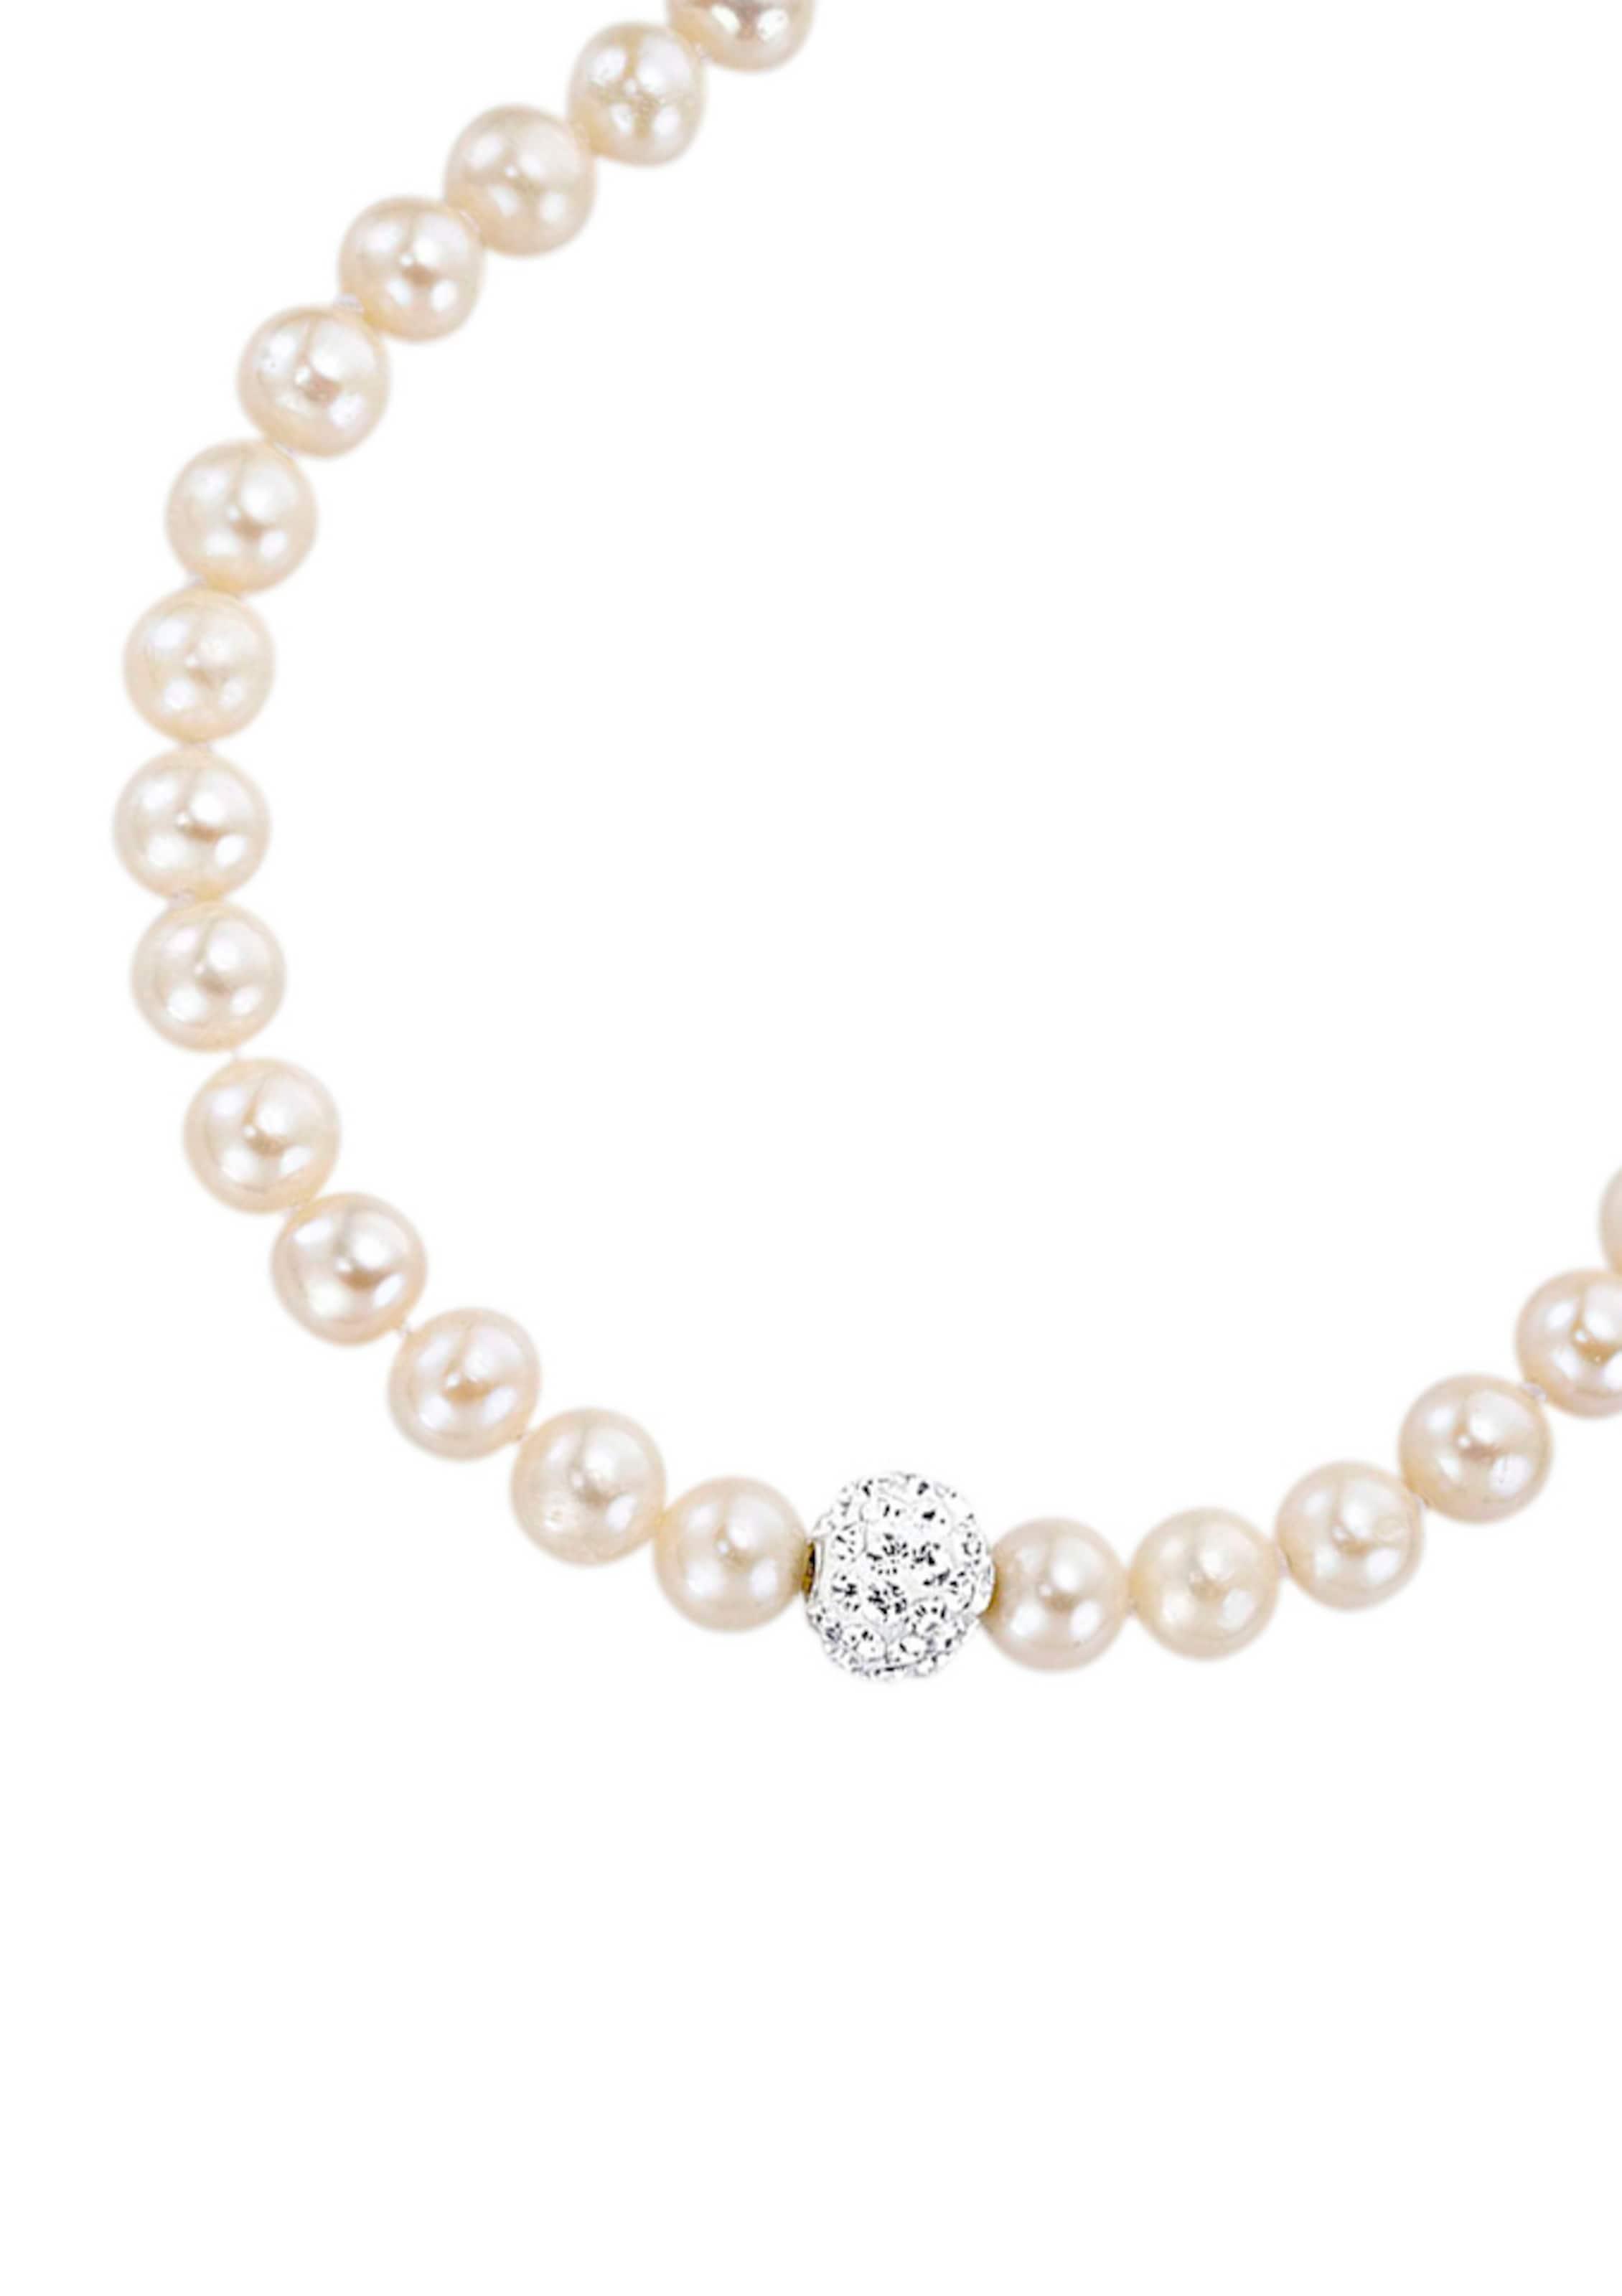 FIRETTI Halsschmuck: Collier mit Perlen und funkelnden Zirkonia Spielraum Wiki mxr4oPYp